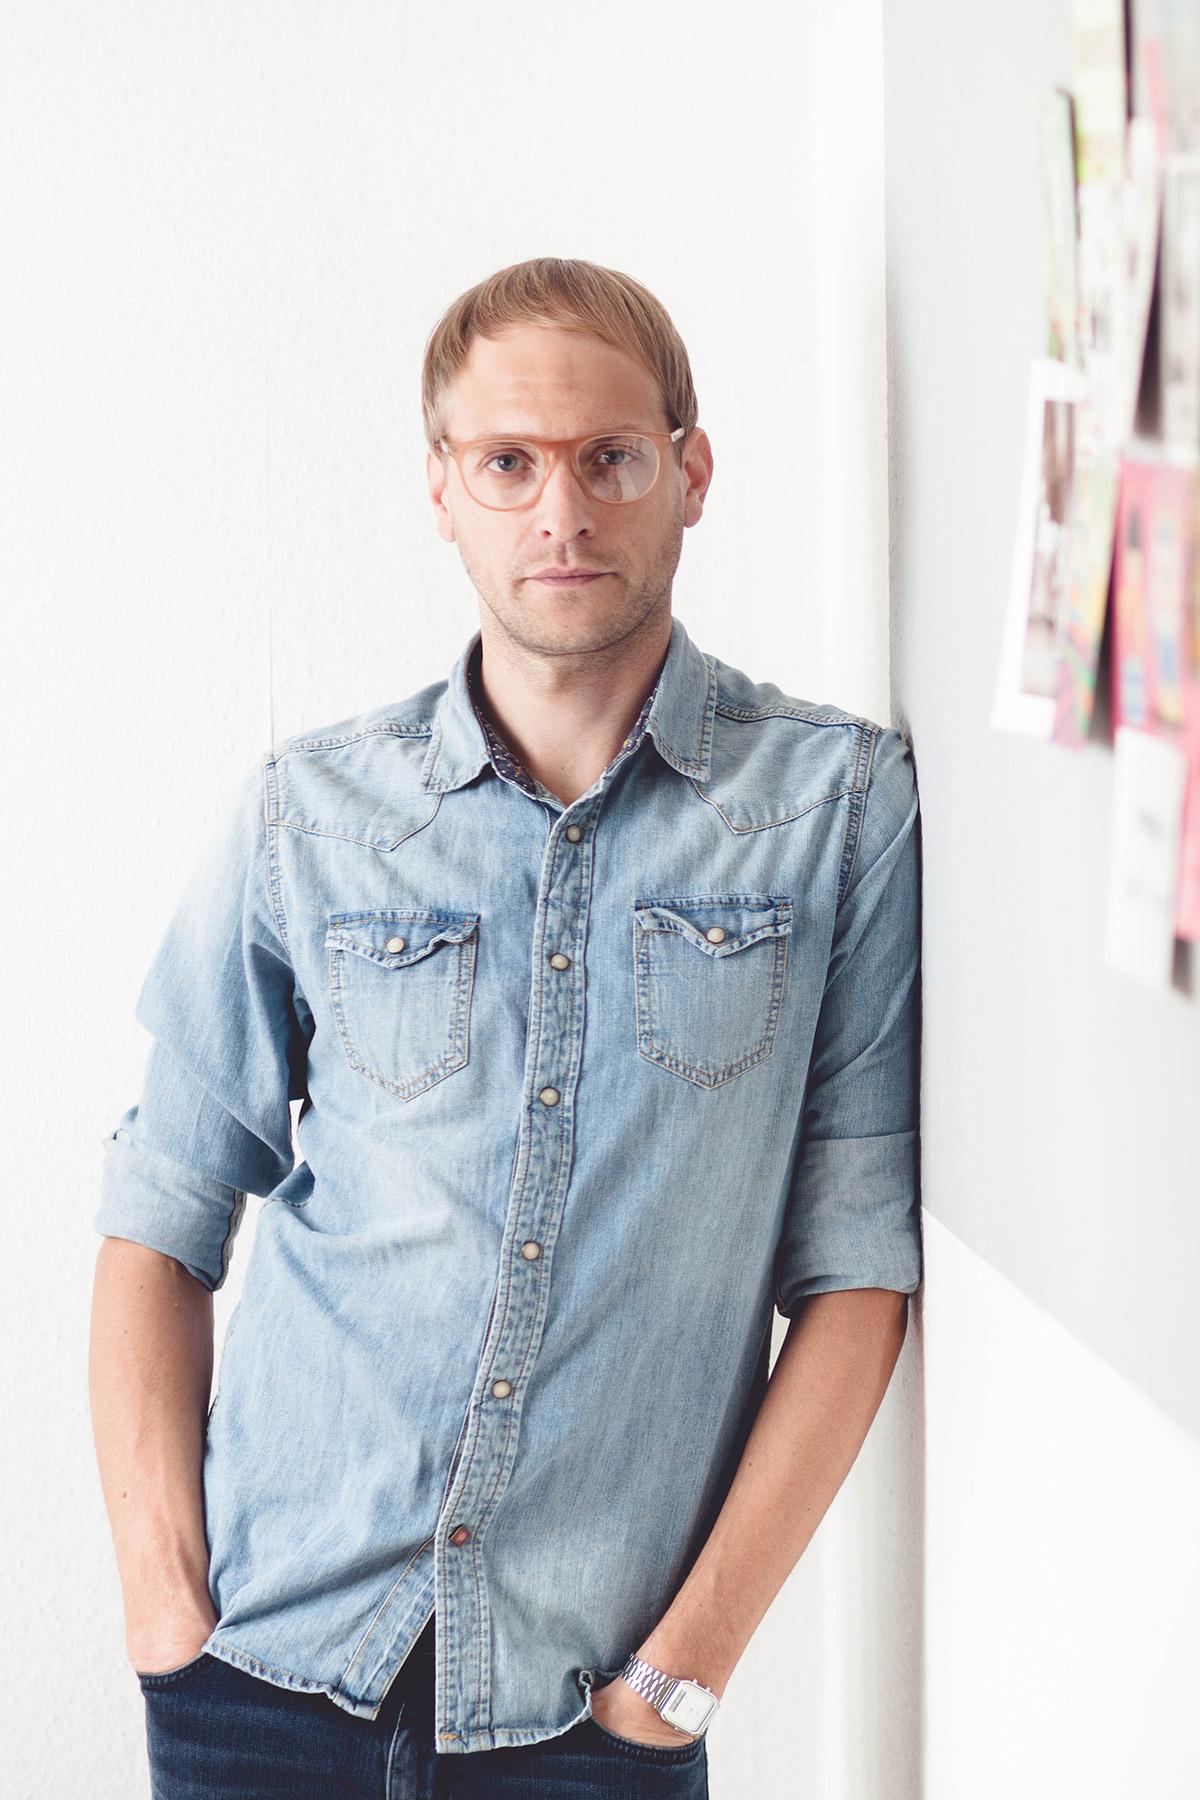 Kochinke, Promotion; Fotograf; Designer; Image; Portrait